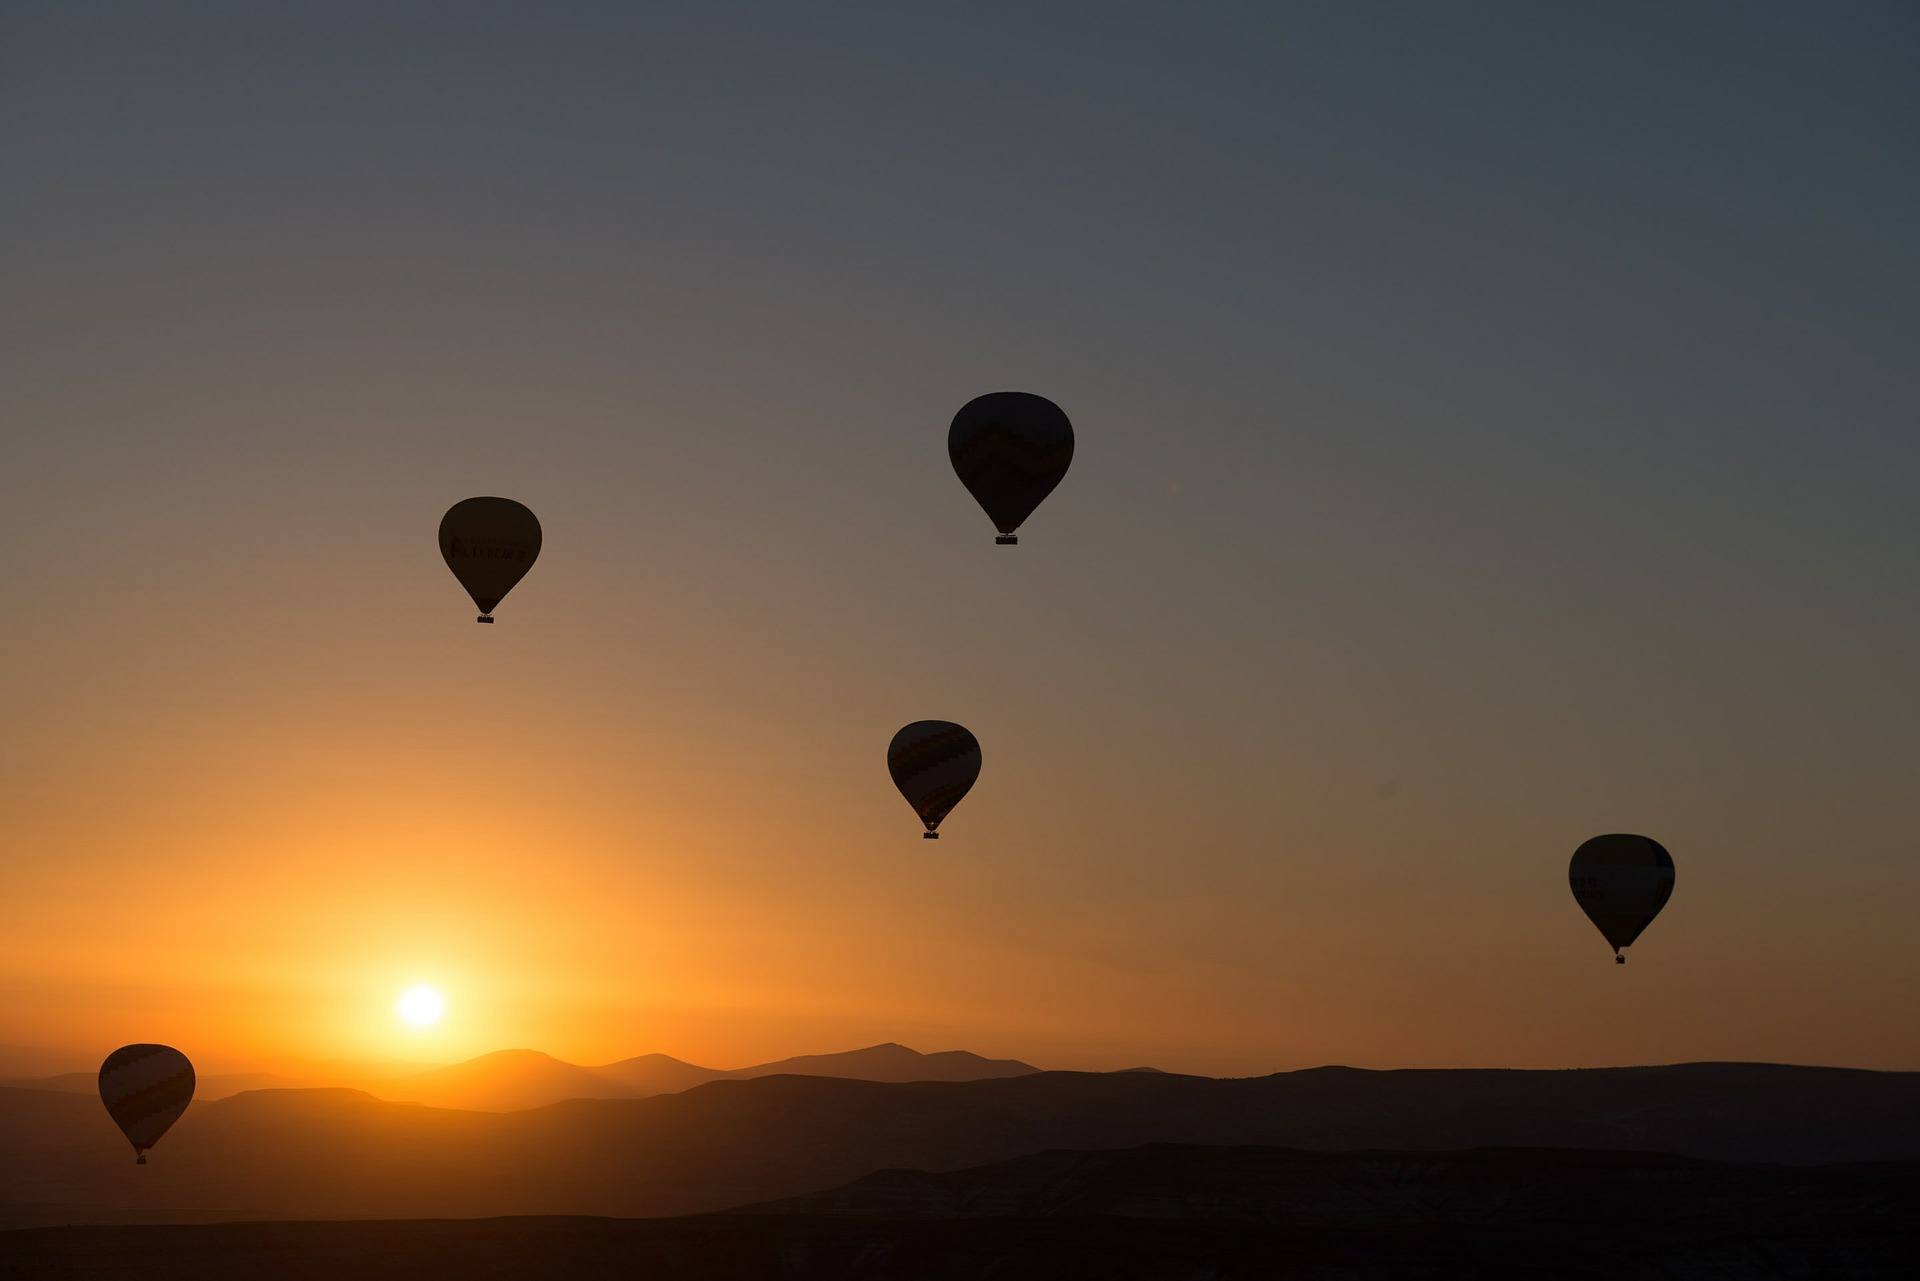 Imagem de Balões subindo, ilustrando a ideia do retorno ao mundo espiritual